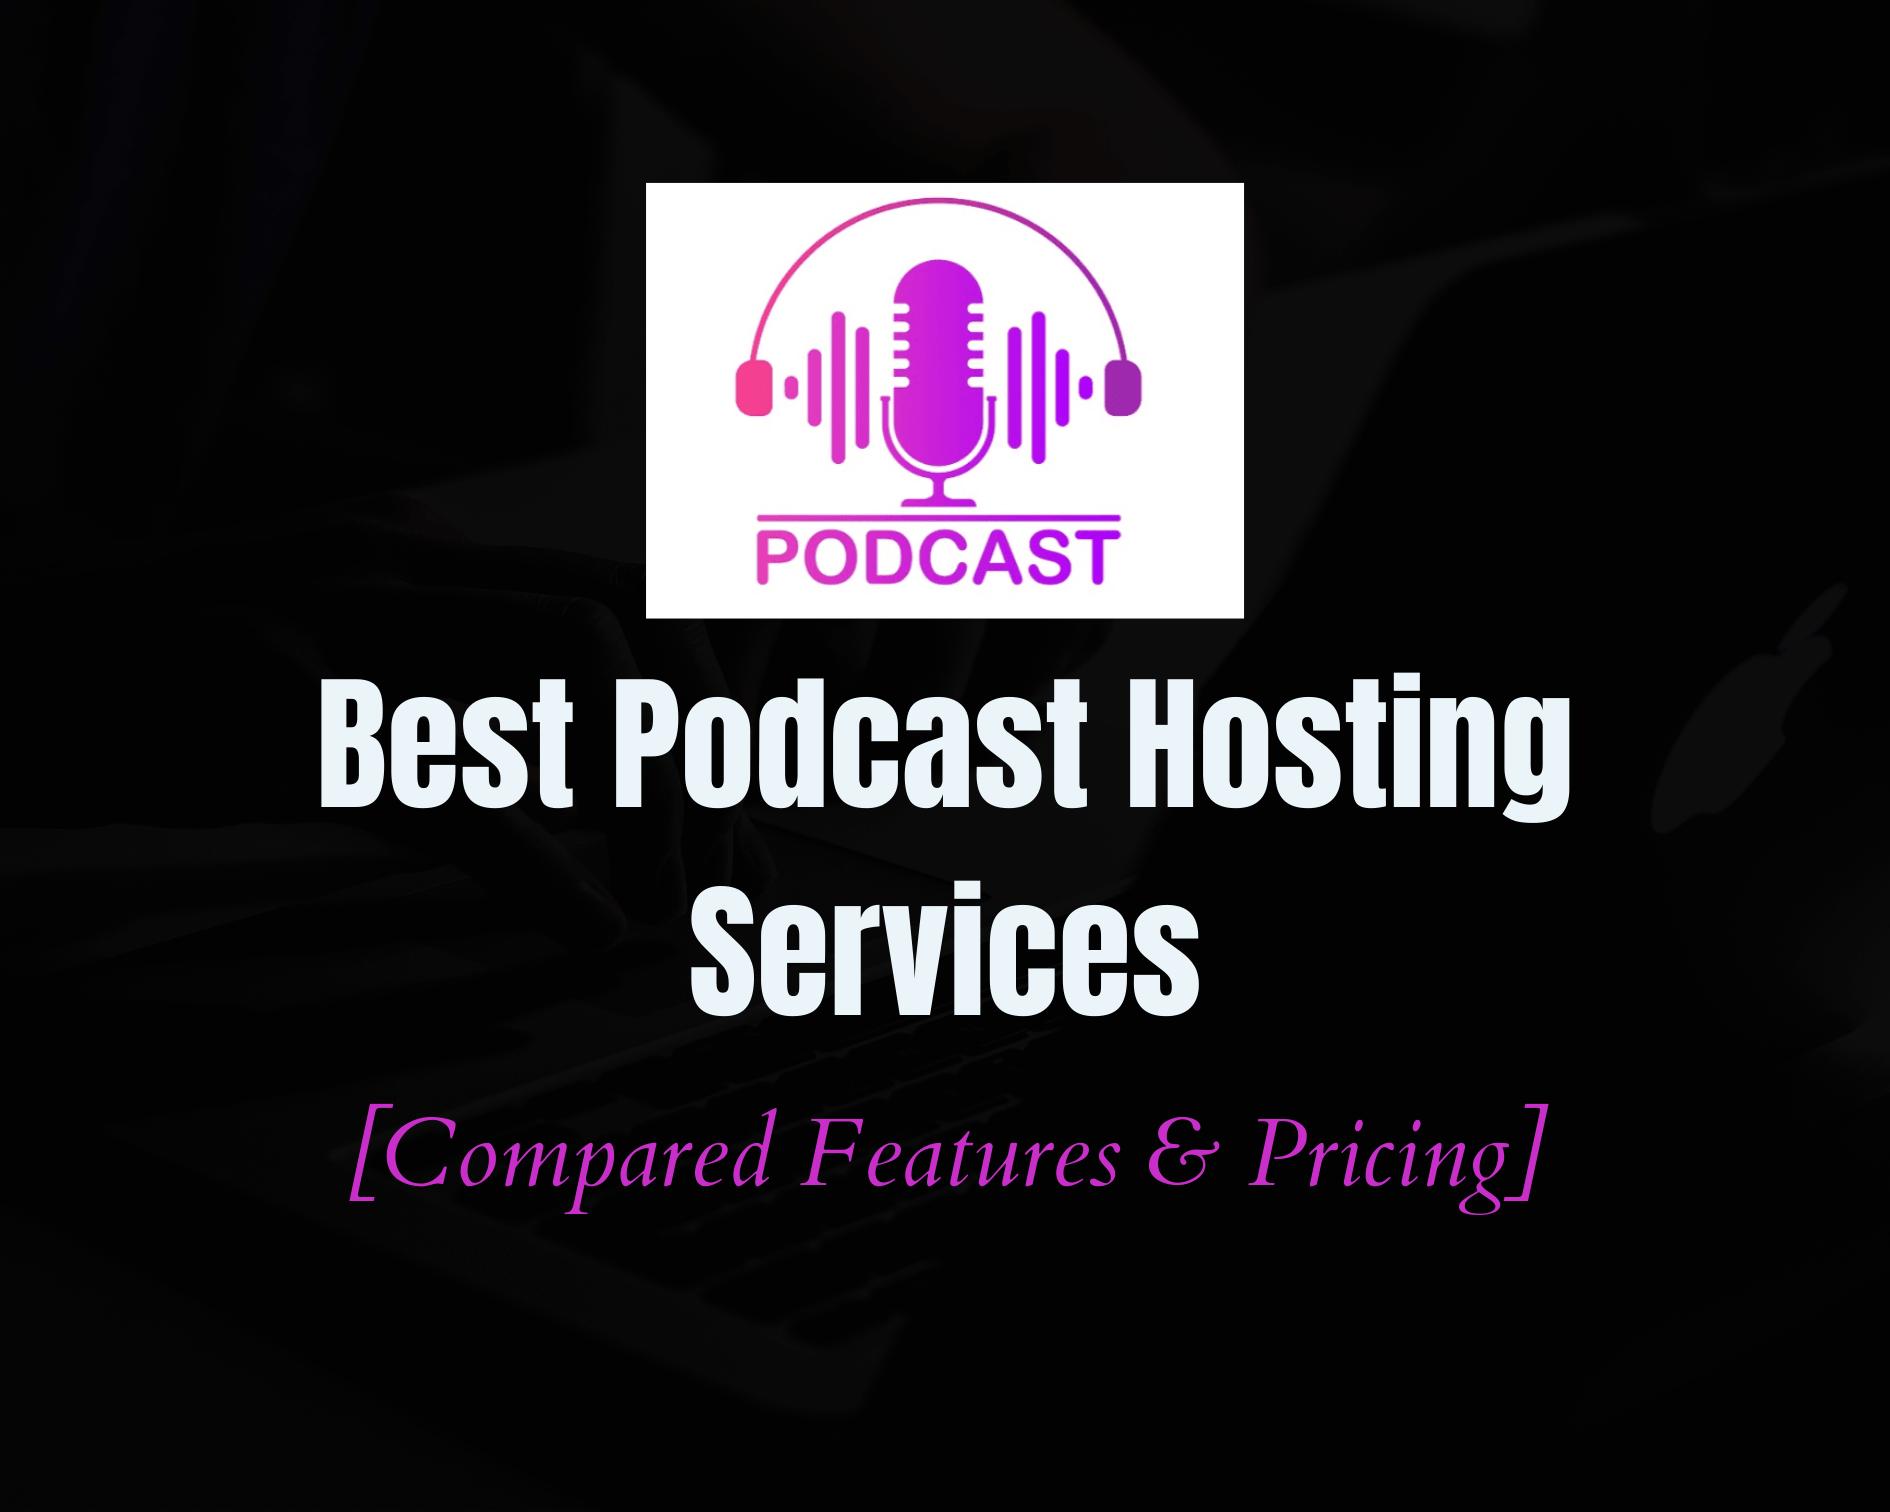 10 Best Podcast Hosting Platforms & Services for 2020